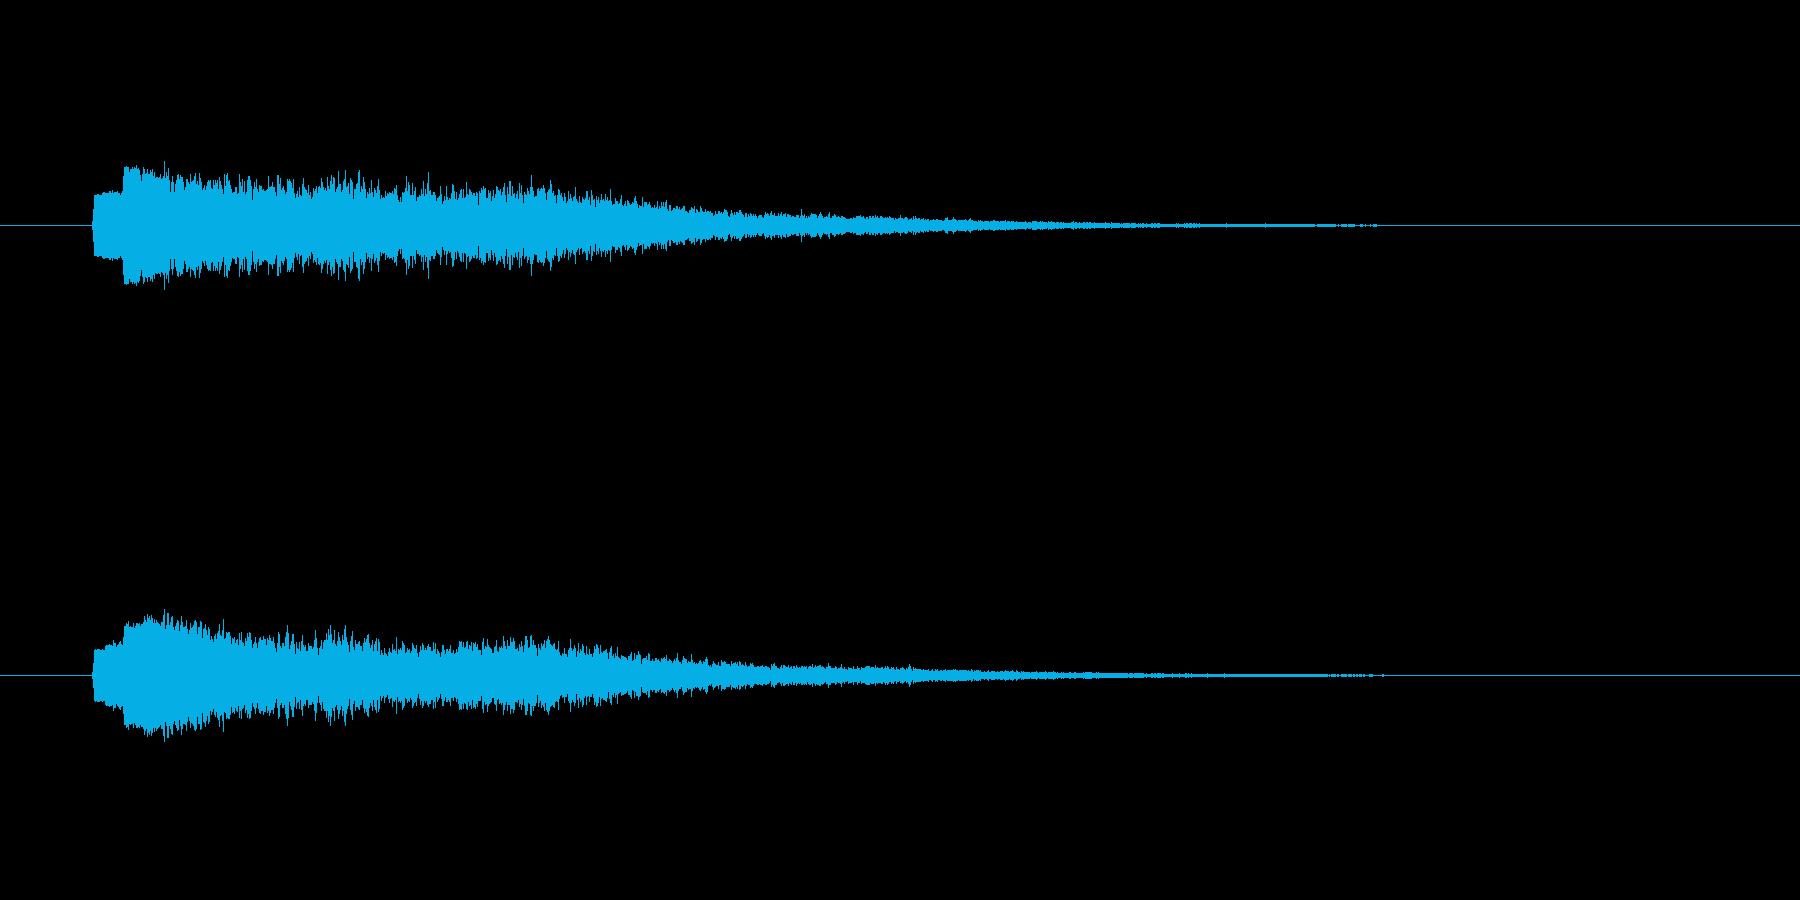 シャーーーン(幻想的な決定音、流れ星)の再生済みの波形